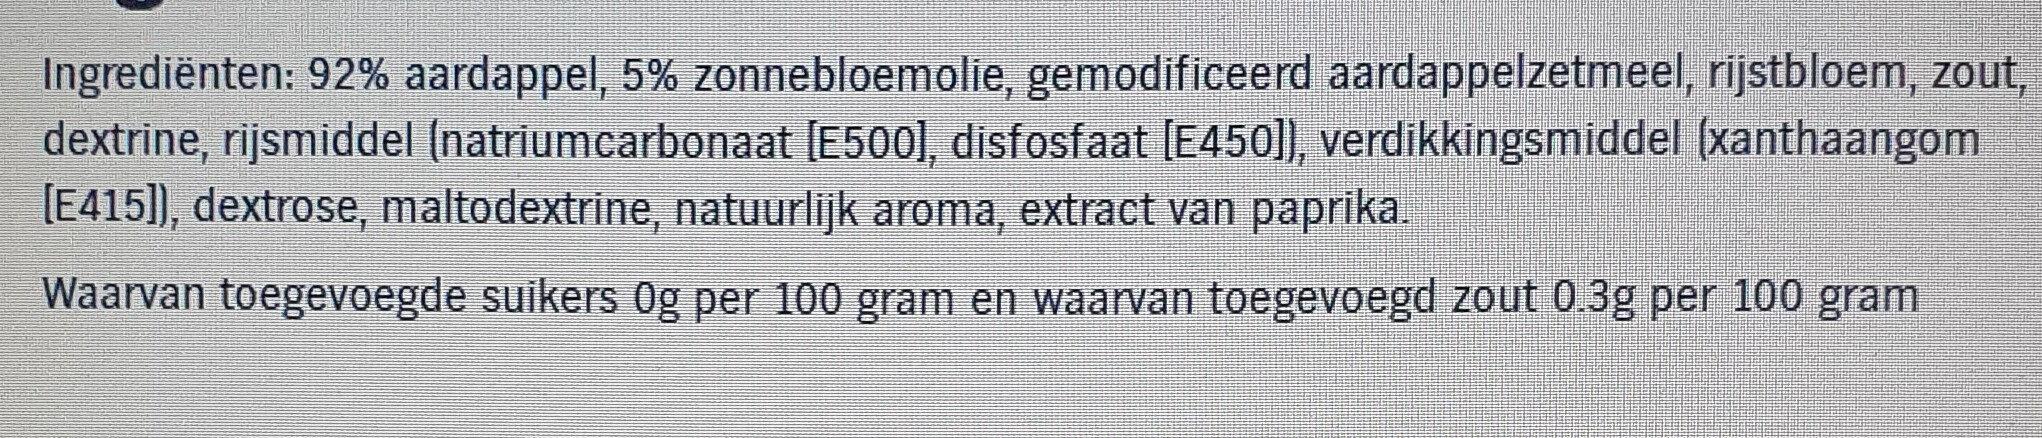 AH Ribbel friet - Ingrediënten - nl